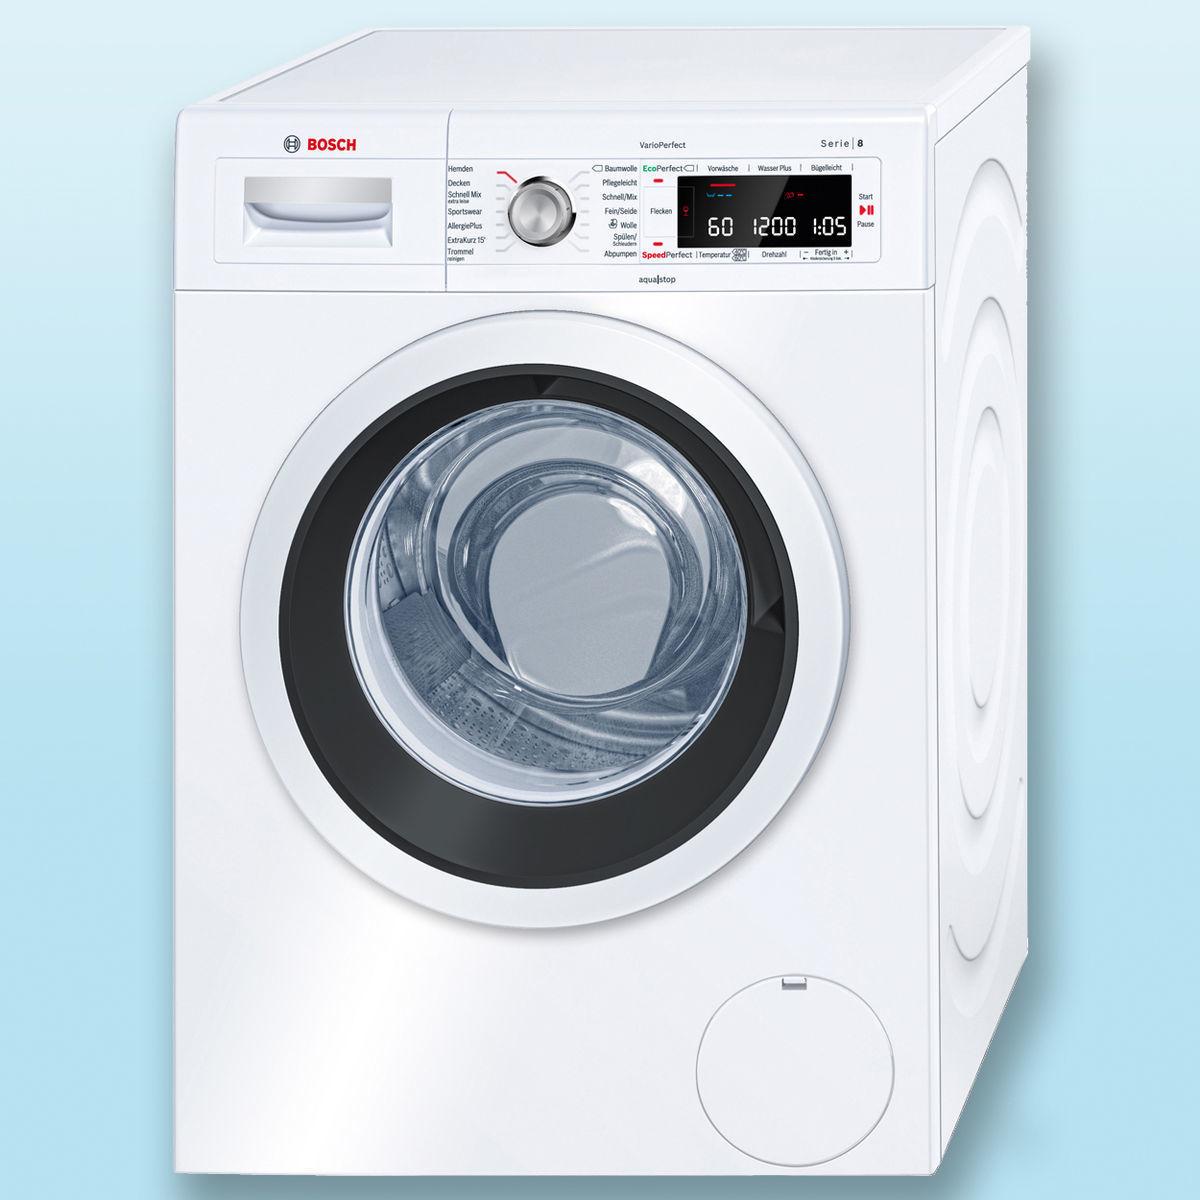 bosch waw285v1 waschmaschine a 30 von karstadt ansehen. Black Bedroom Furniture Sets. Home Design Ideas